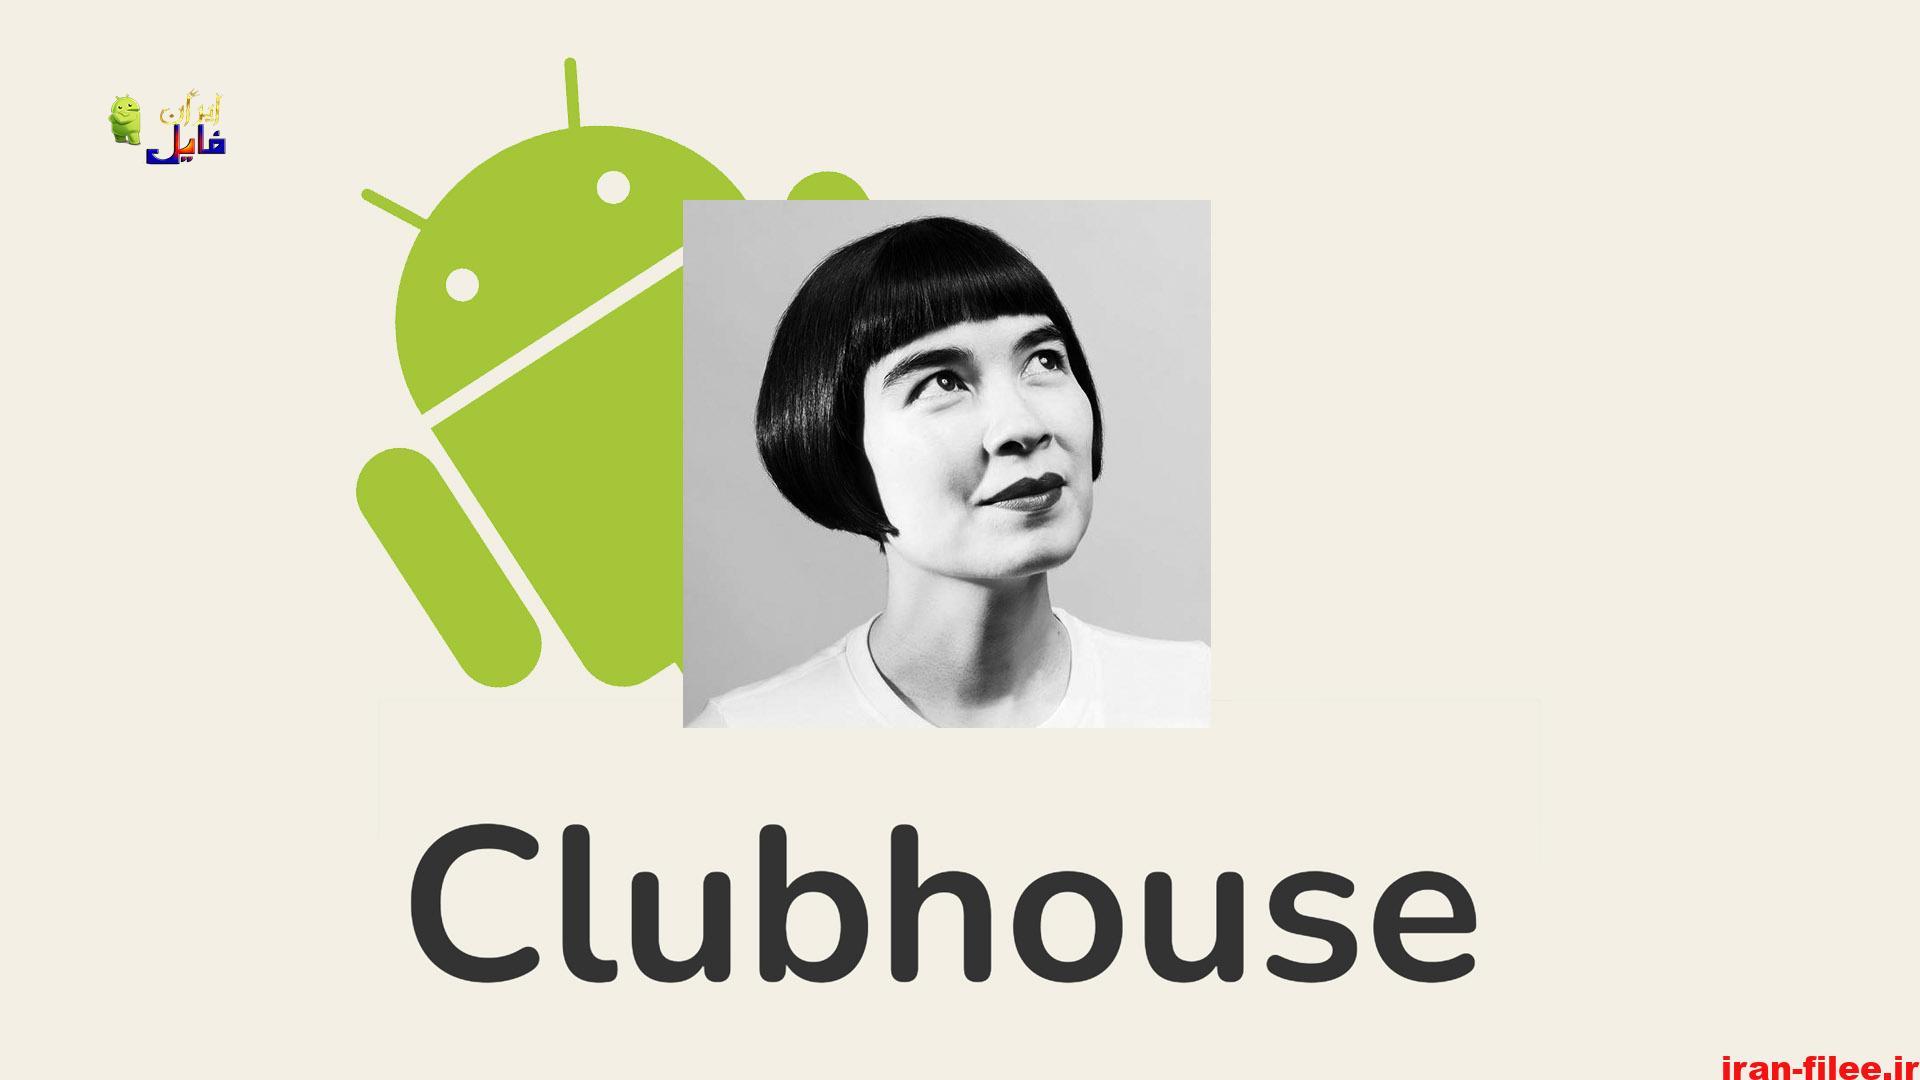 دانلود کلاب هاوس جدید و رسمی 2021 Clubhouse اندروید